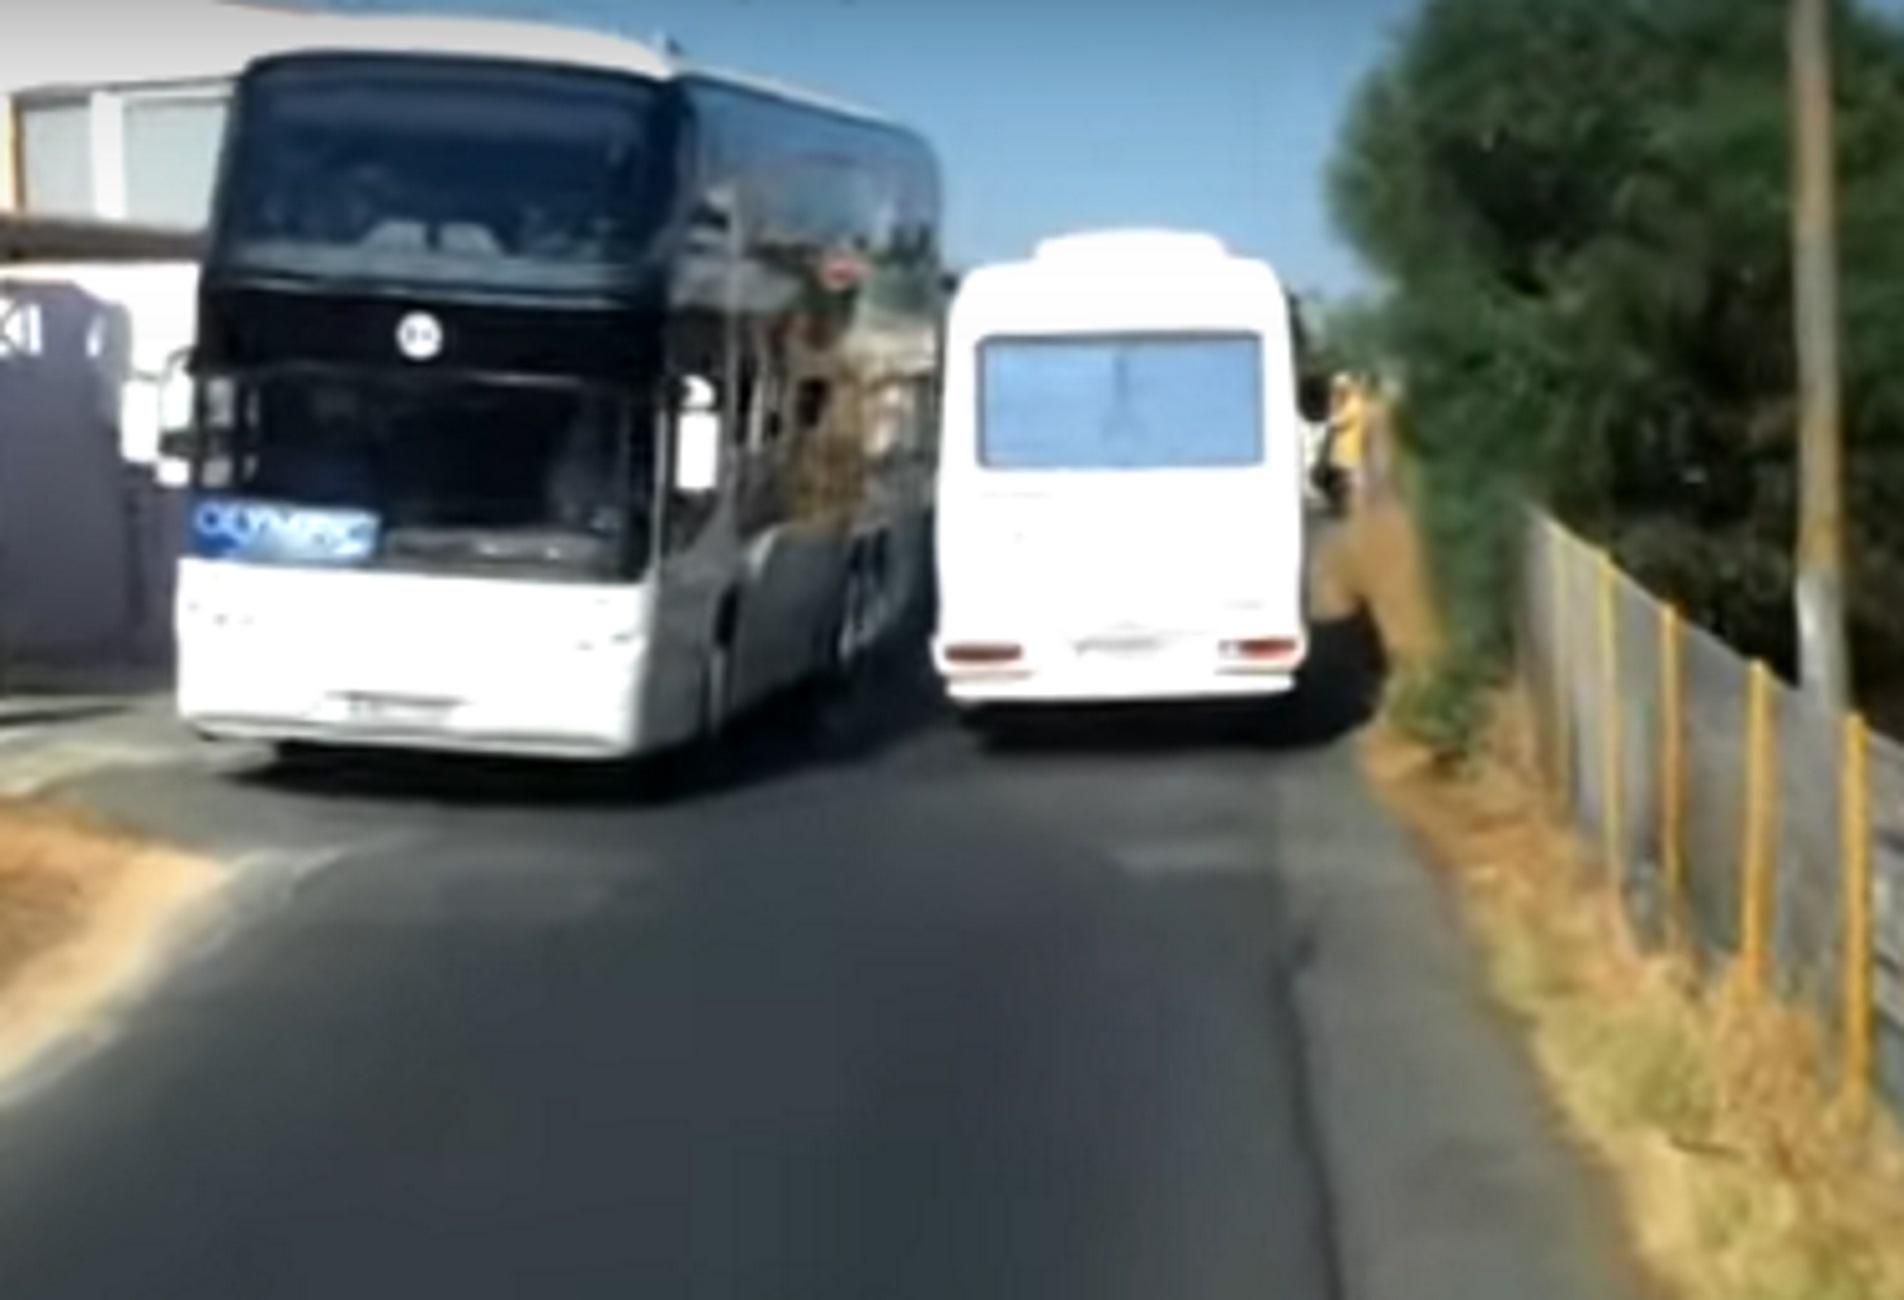 Κρήτη: Βίντεο ντοκουμέντο με εικόνες που άφησαν άφωνους τους τουρίστες – Το πούλμαν πήγαινε ανάποδα